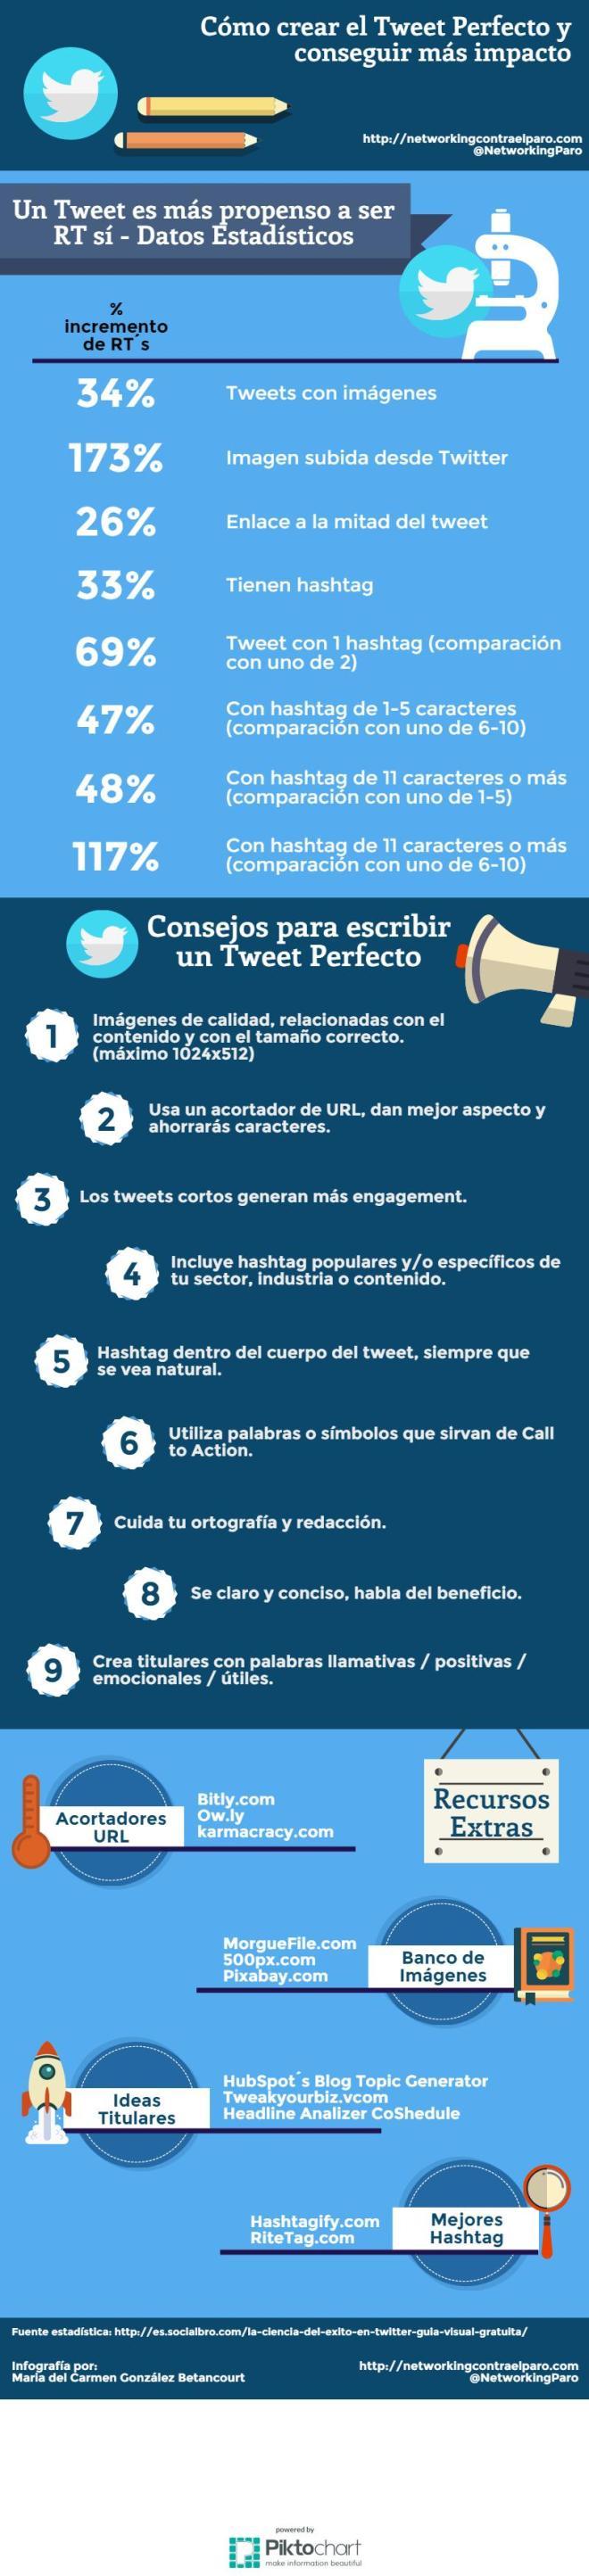 10 Consejos sobre Seguridad y Privacidad en Redes Sociales